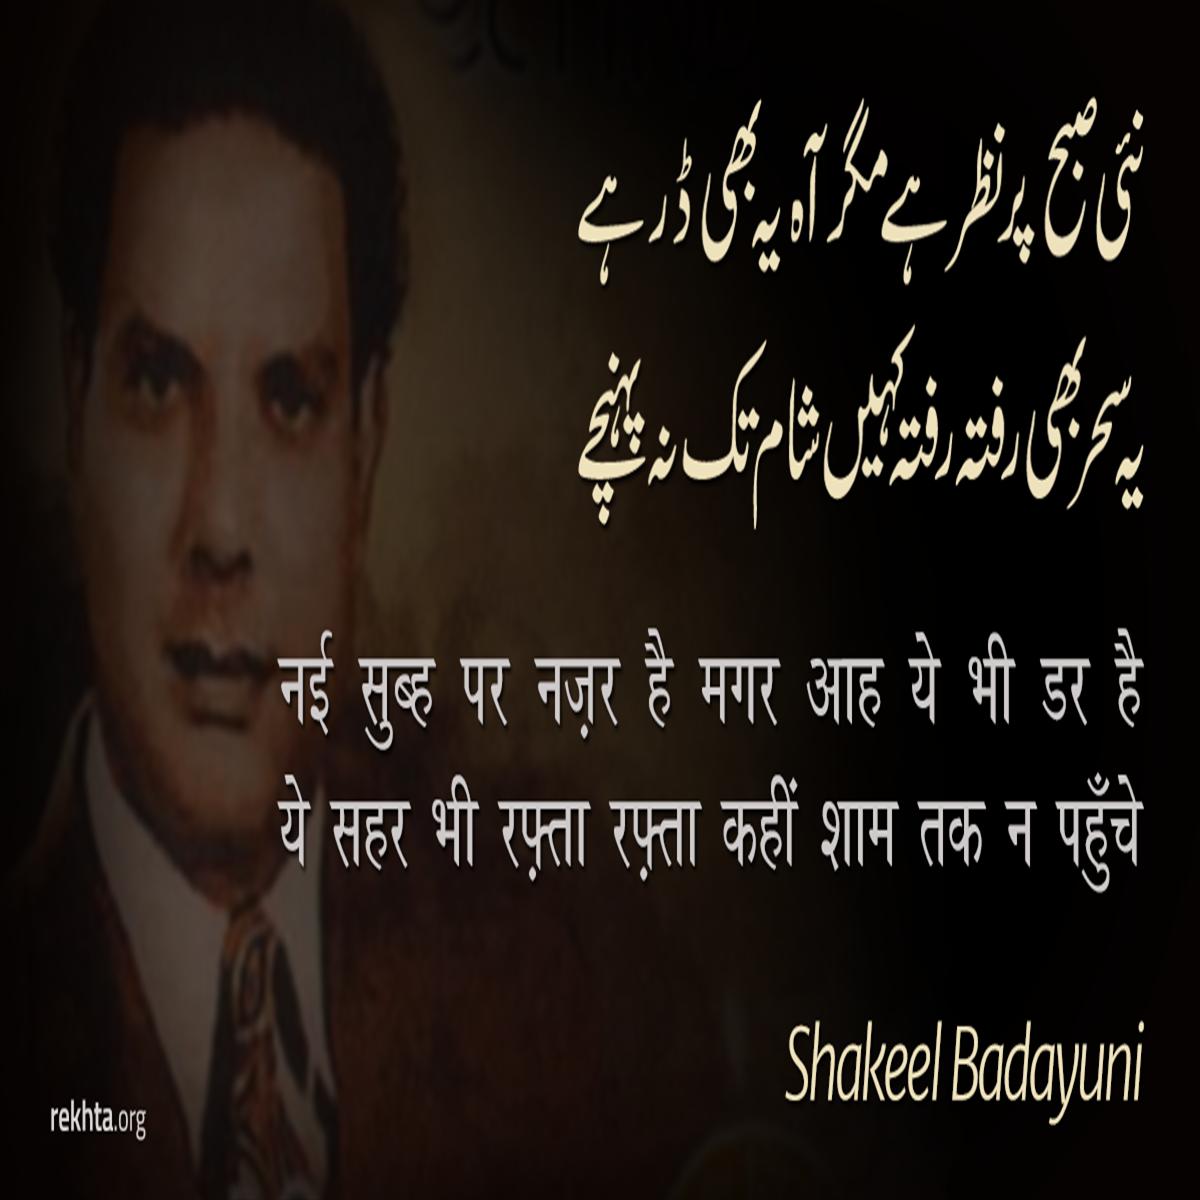 Shakeel Badayuni